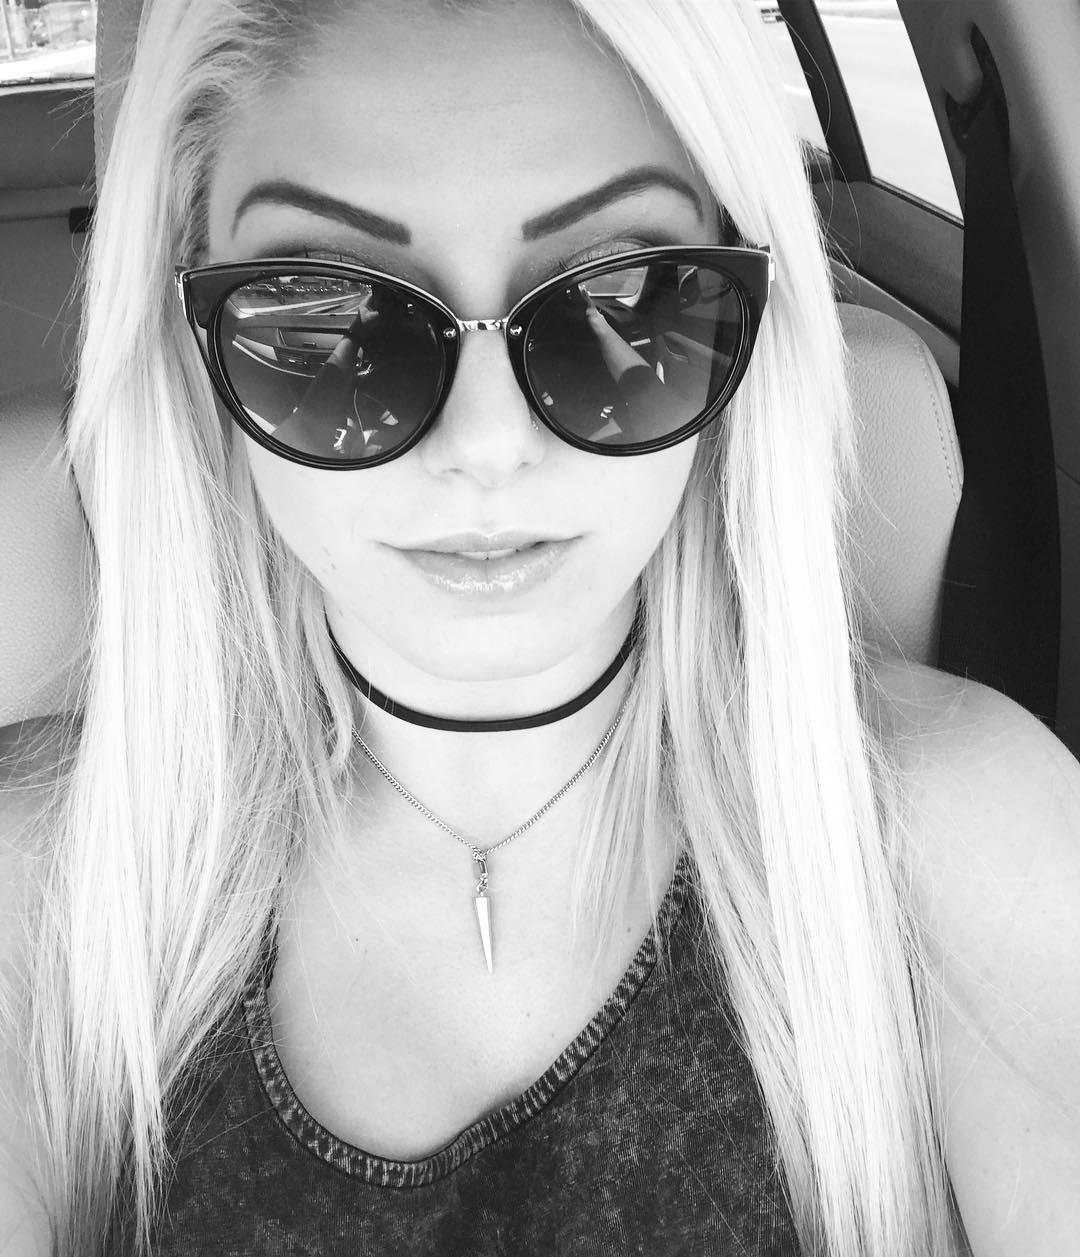 Alexa Bliss 2020 : Alexa Bliss – Instagram and social media-157